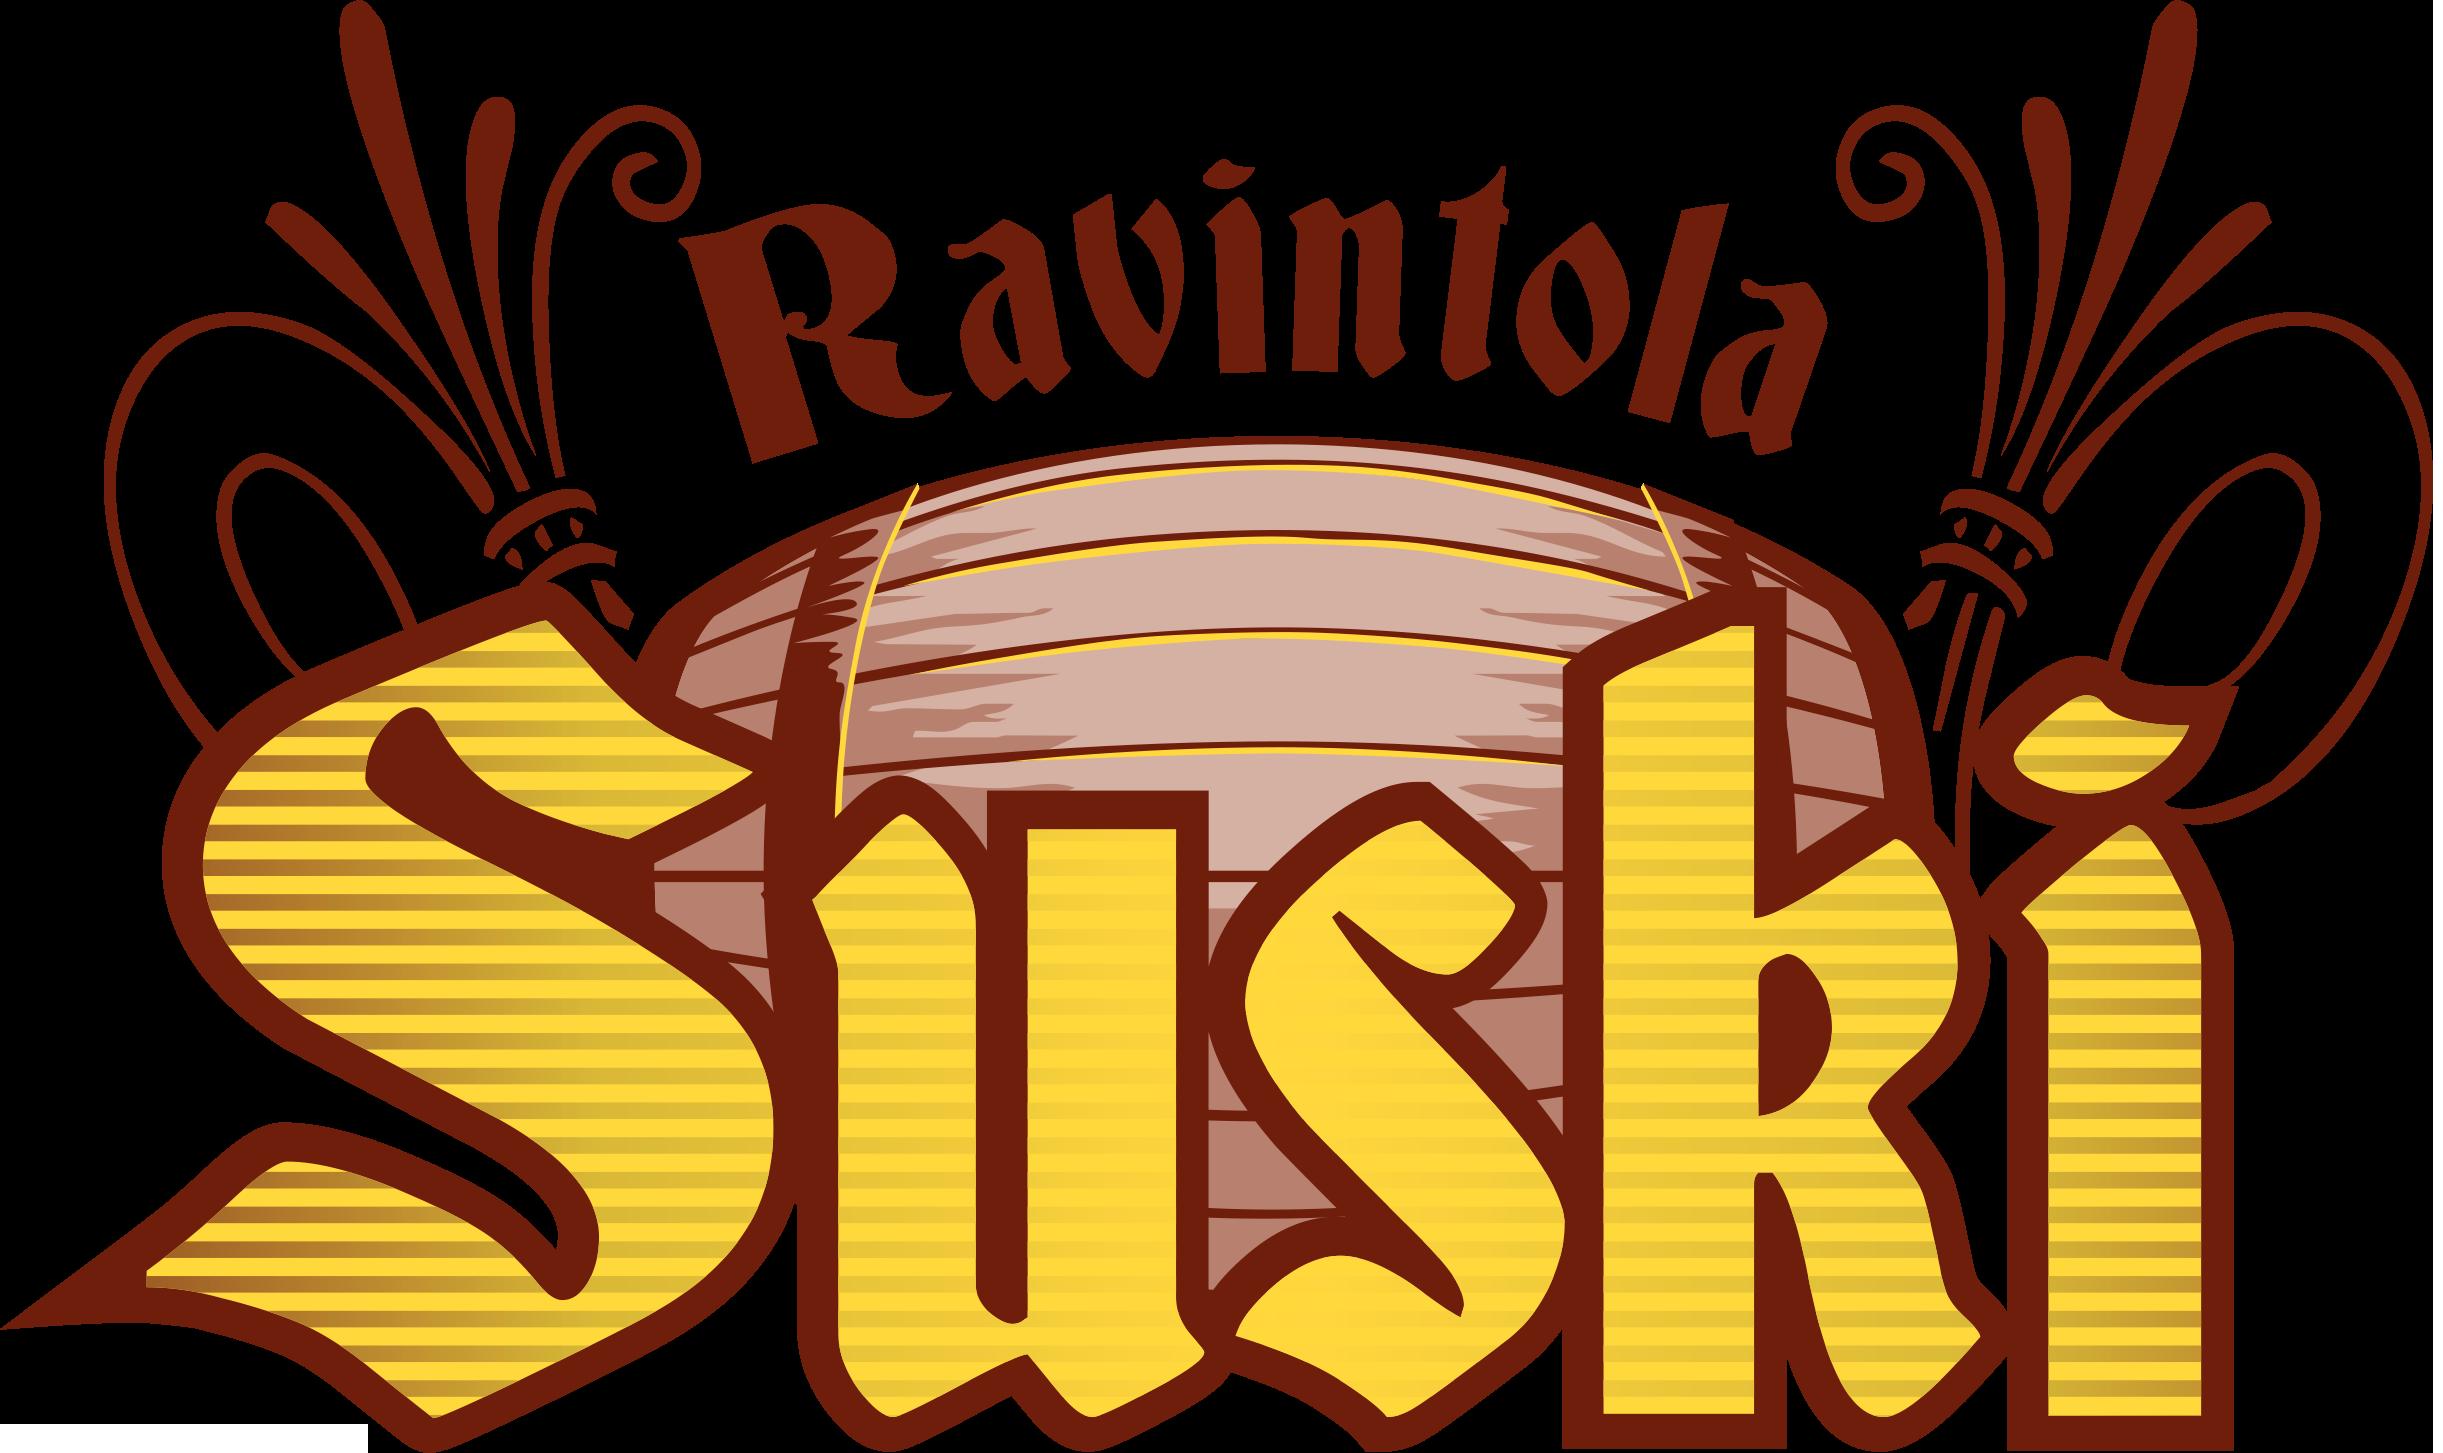 Ravintola Suski